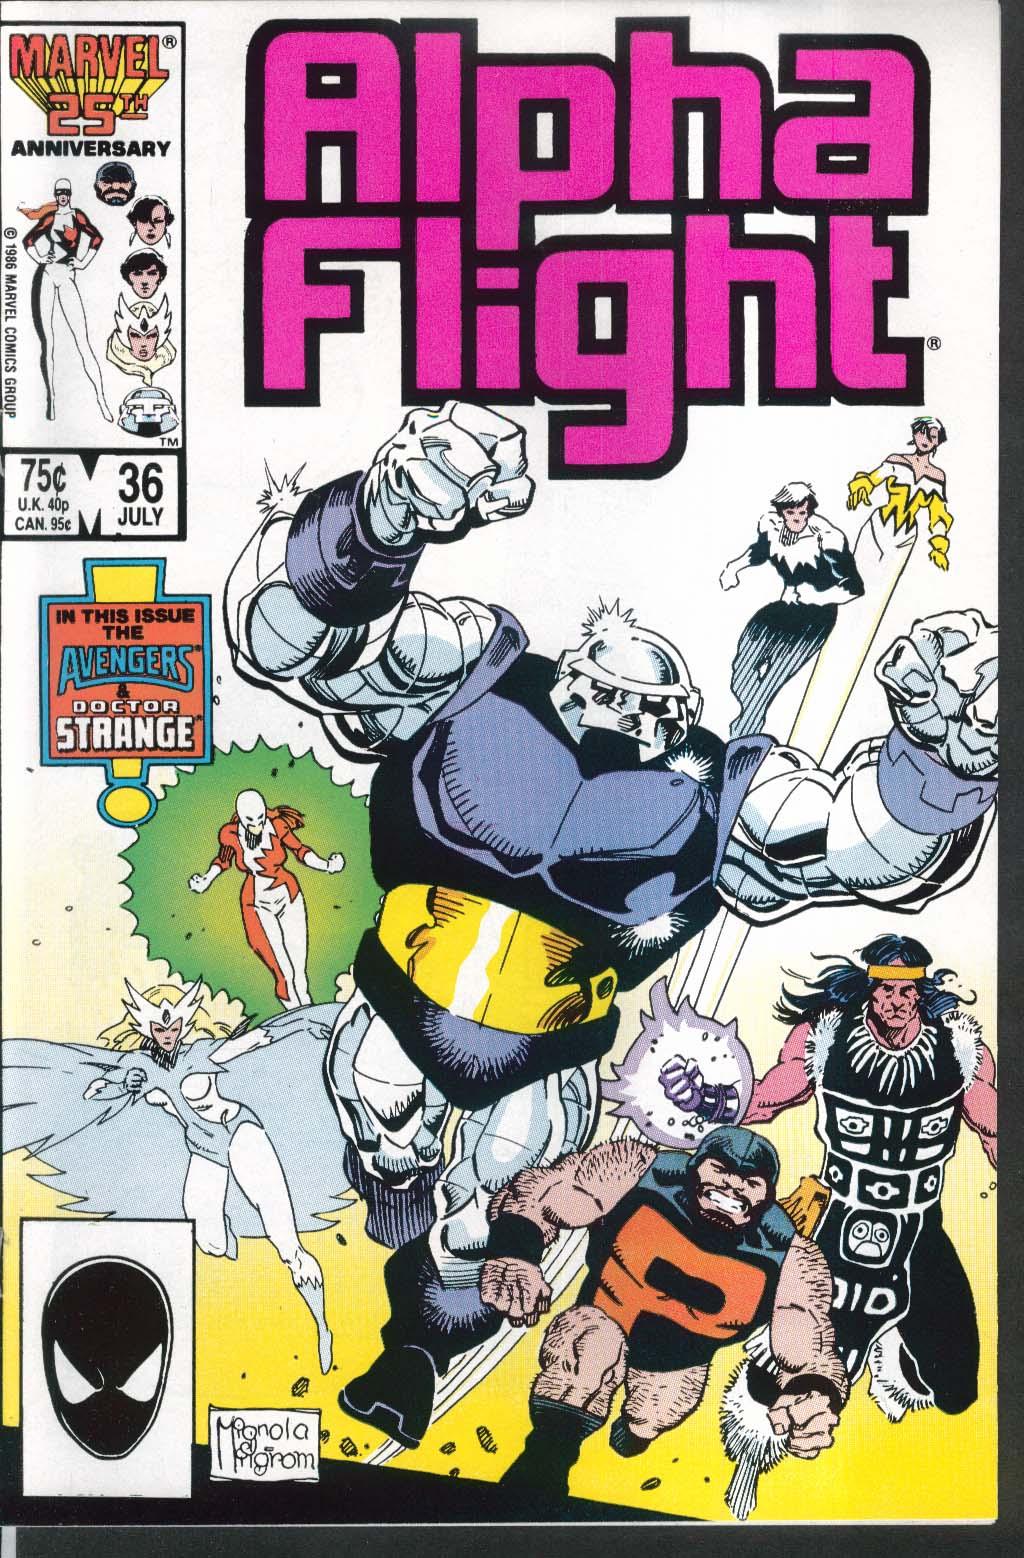 ALPHA FLIGHT #36 Marvel comic book 7 1986 Avengers Doctor Strange